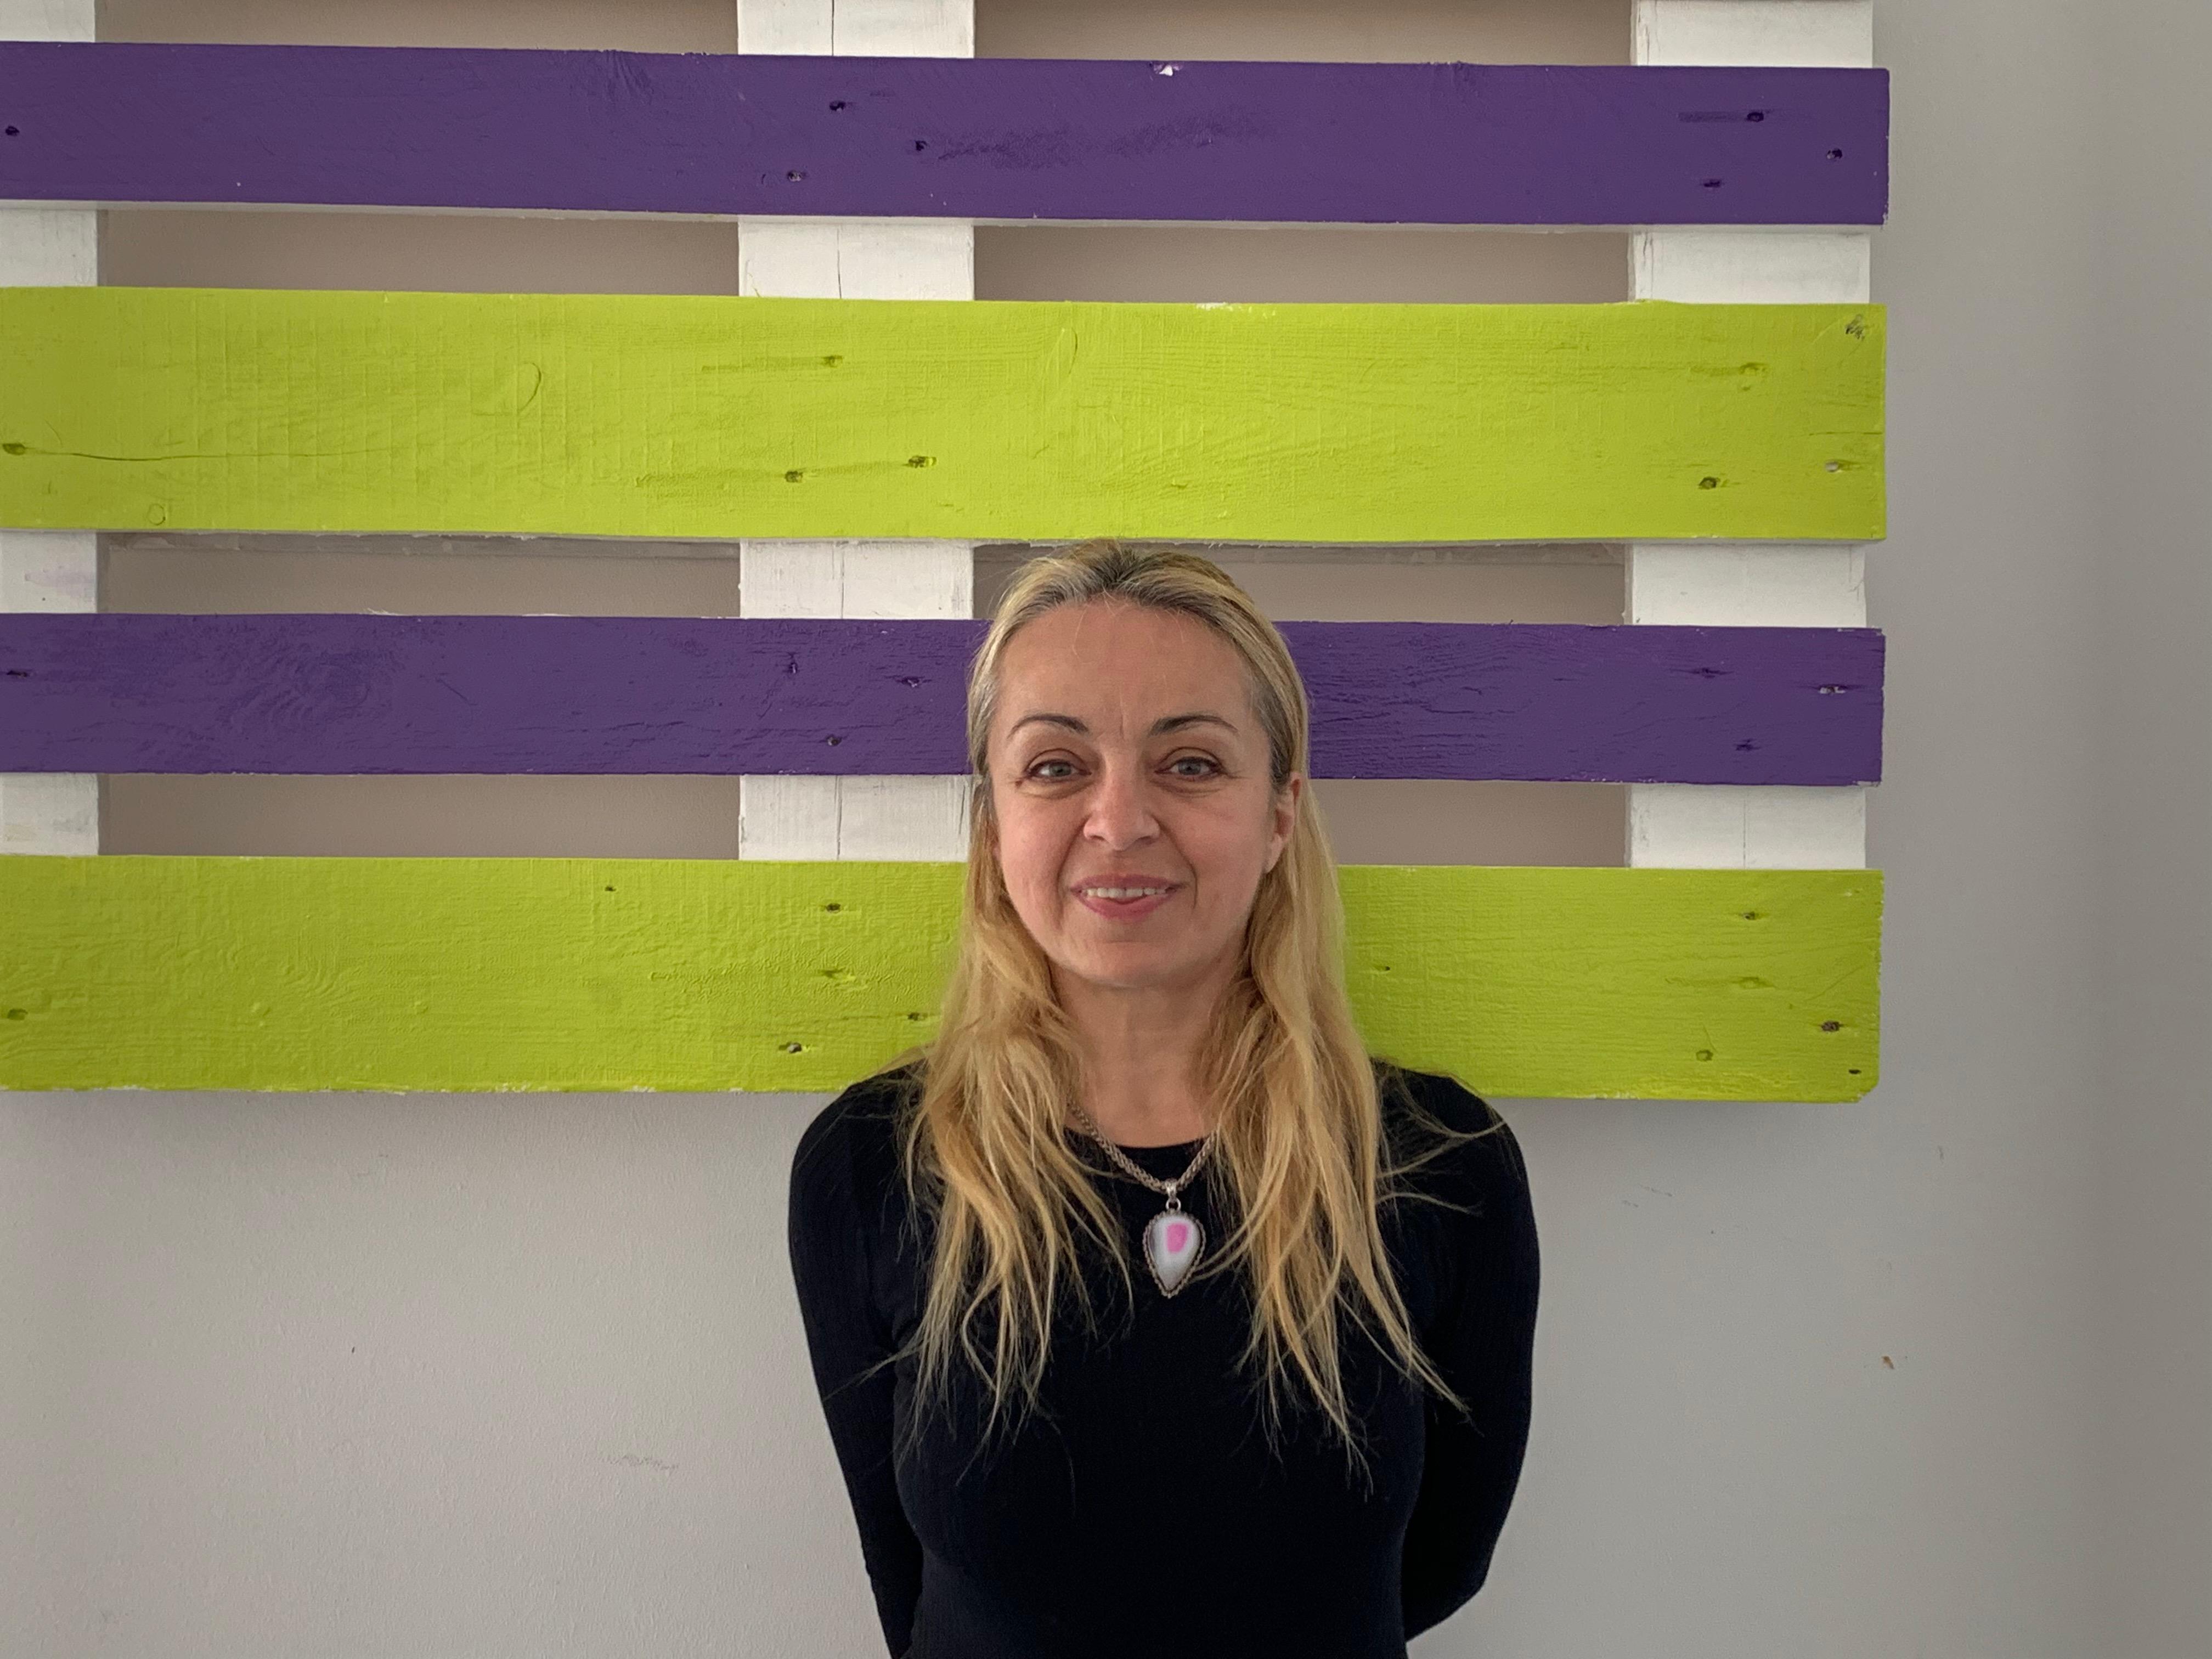 Ljiljana Mijovic